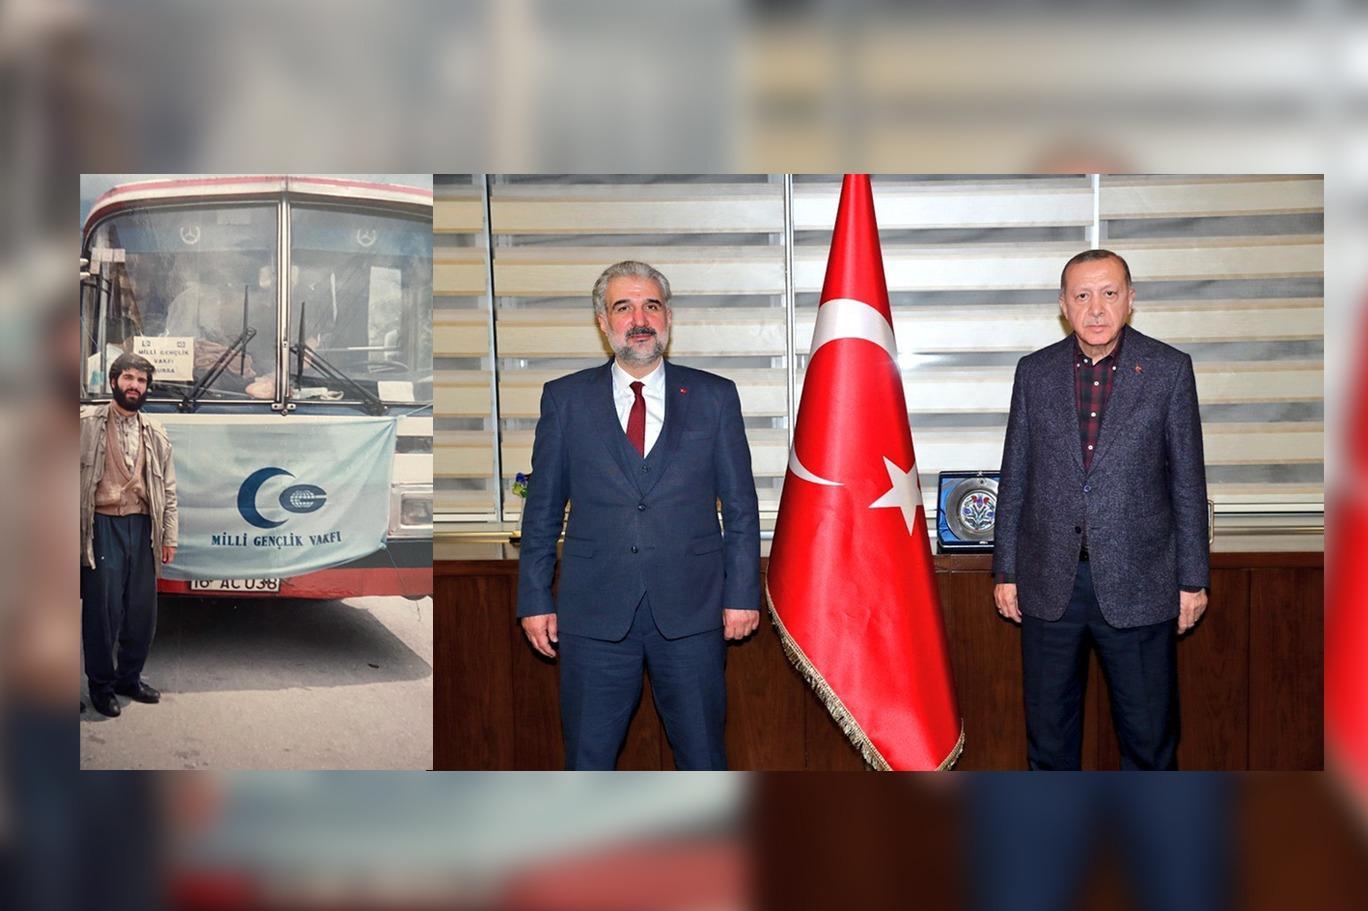 """AK Parti'nin yeni İstanbul il başkanı, """"fabrika ayarlarına dönüşün"""" işareti  mi?   Independent Türkçe"""